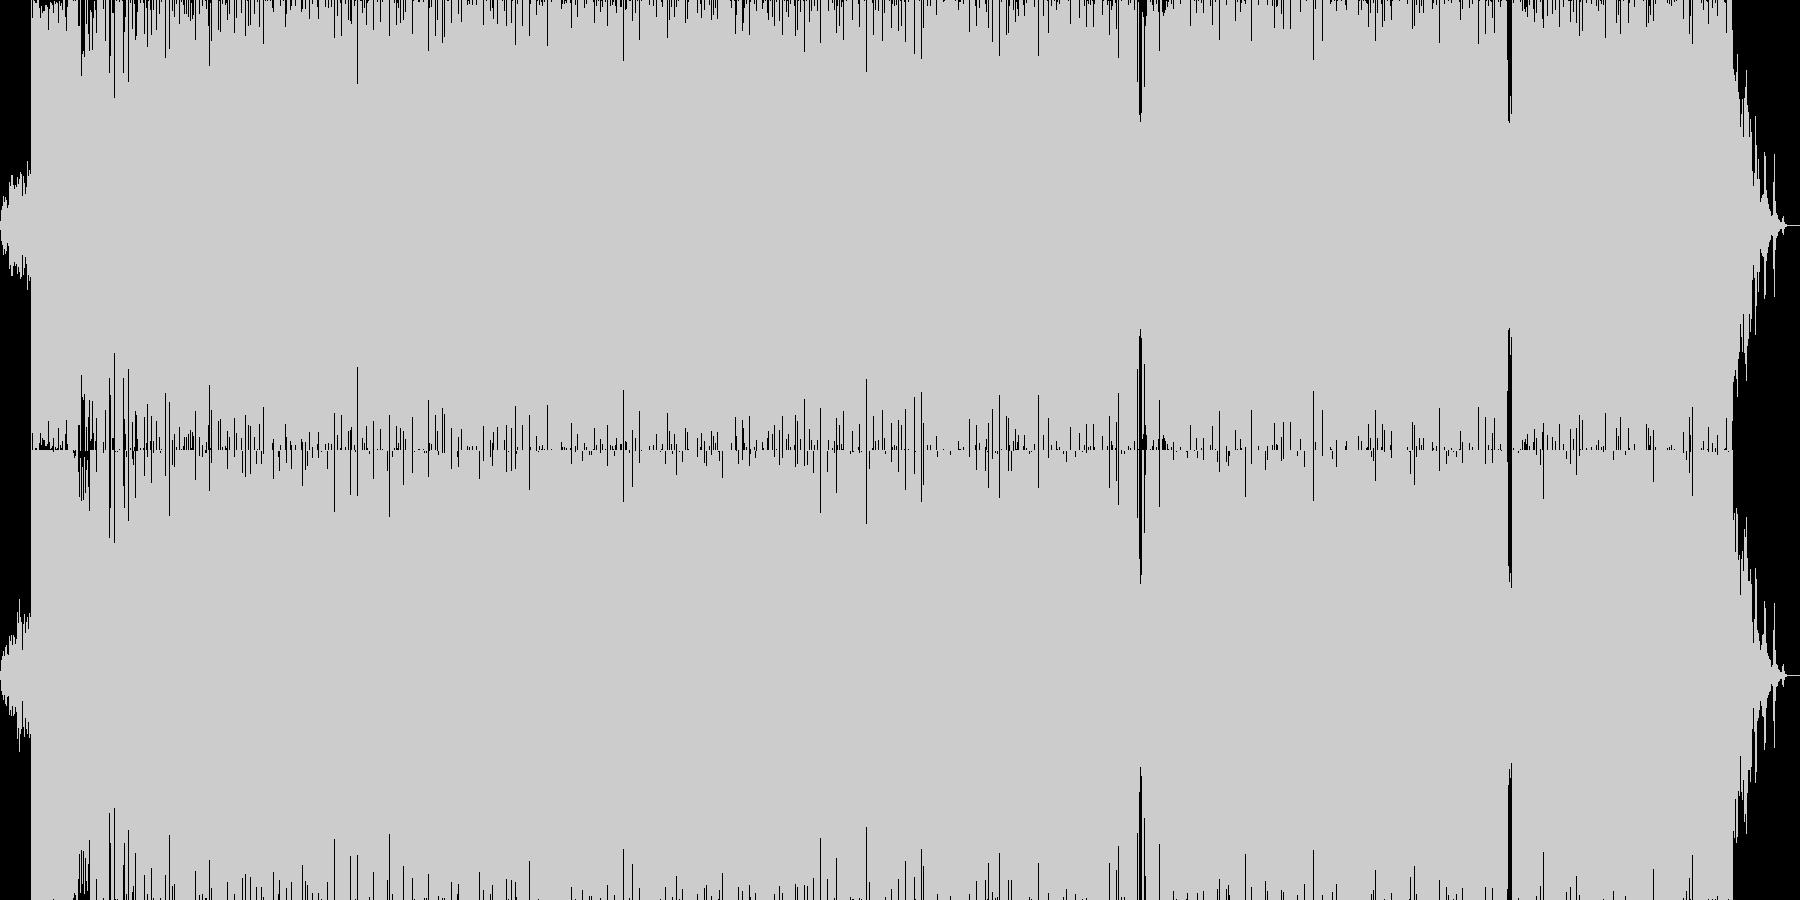 ワイルドな雰囲気のシンセサイザーロックの未再生の波形